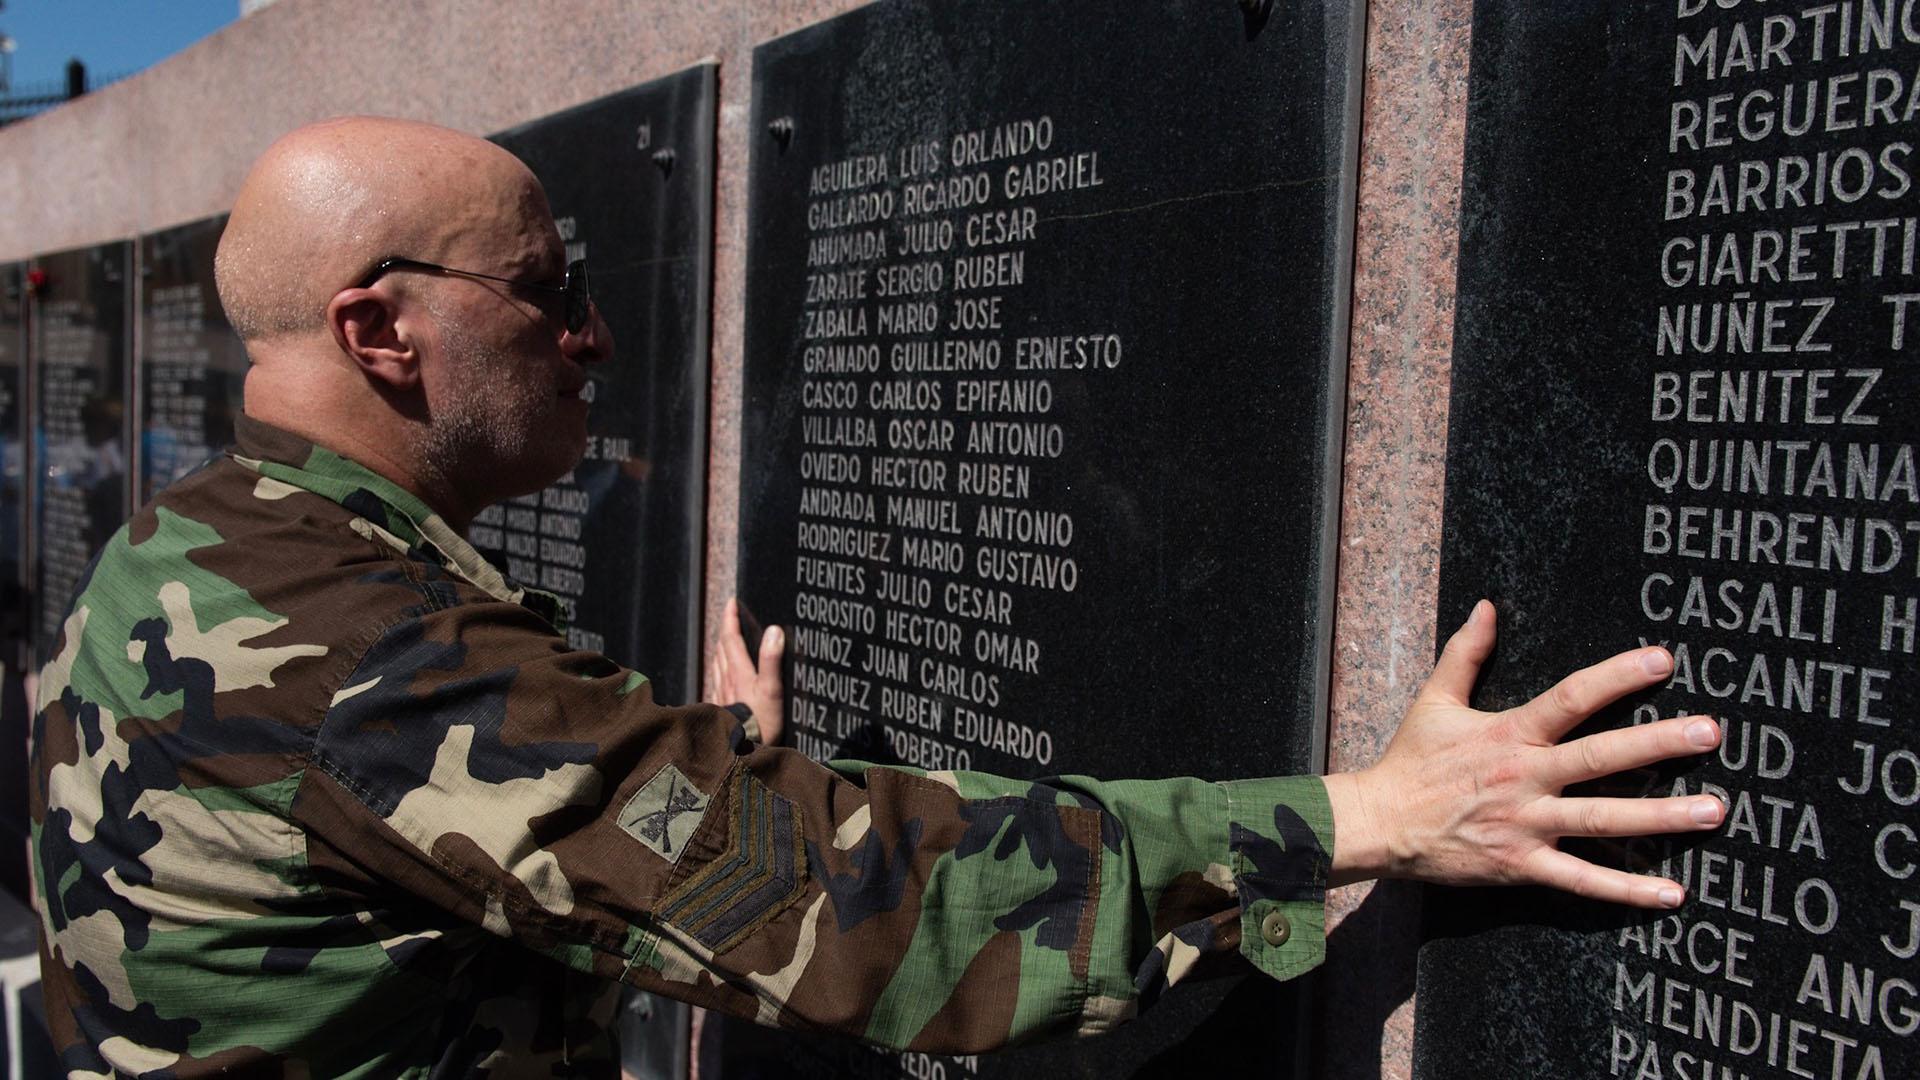 Un ex combatiente honra a los 649 muertos en la guerra del Atlántico sur en el monumento de Retiro que los recuerda